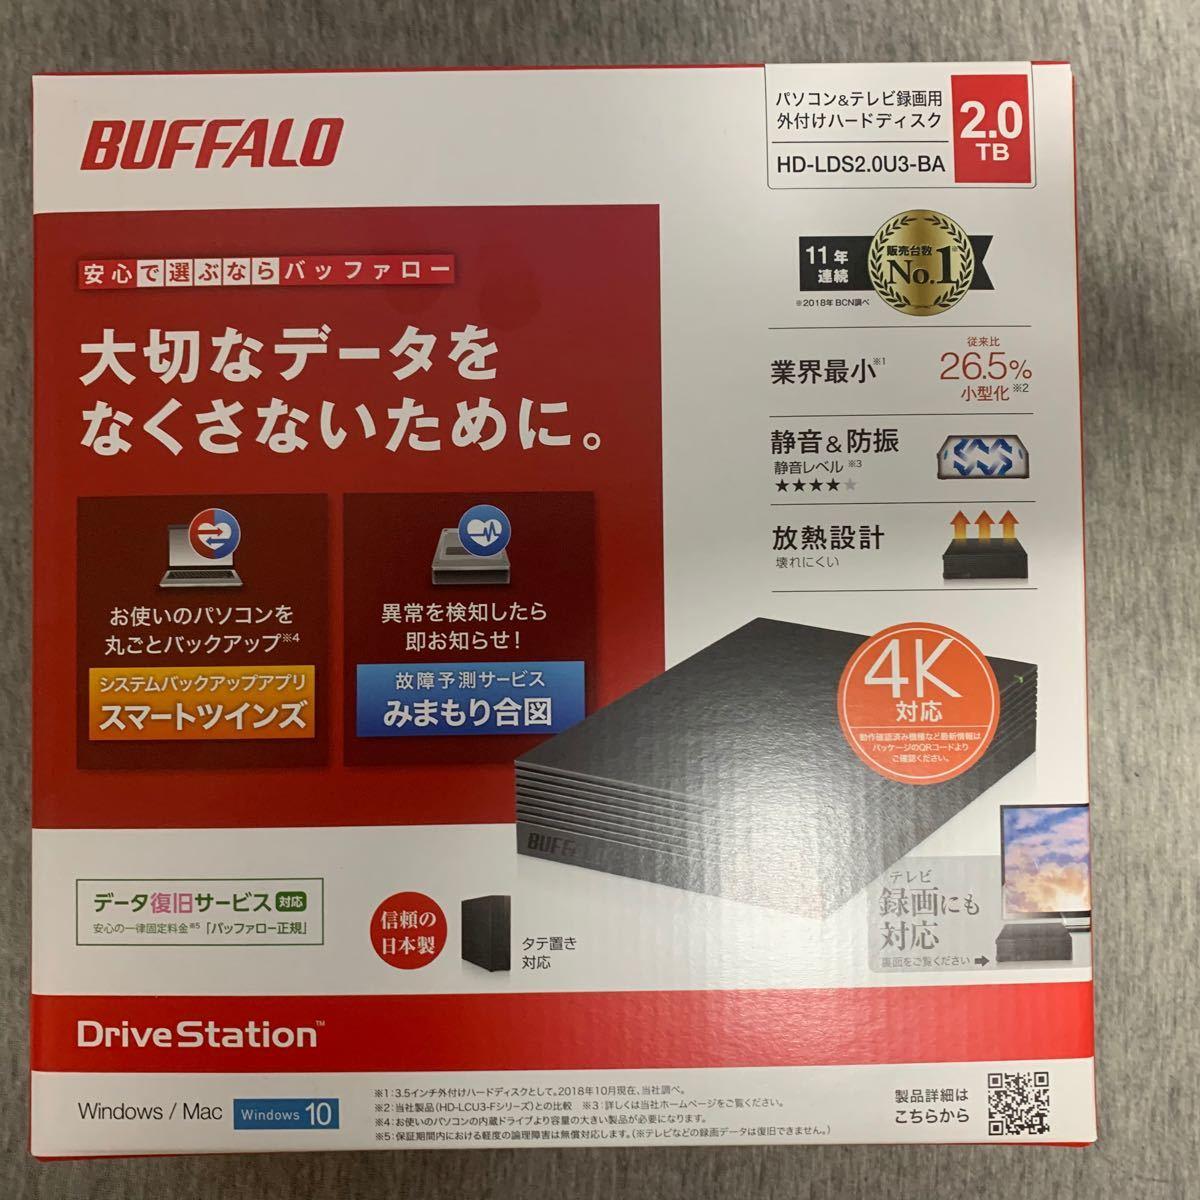 BUFFALO 外付けHDD 2TB HD-LDS2.0U3-BA 新品未開封